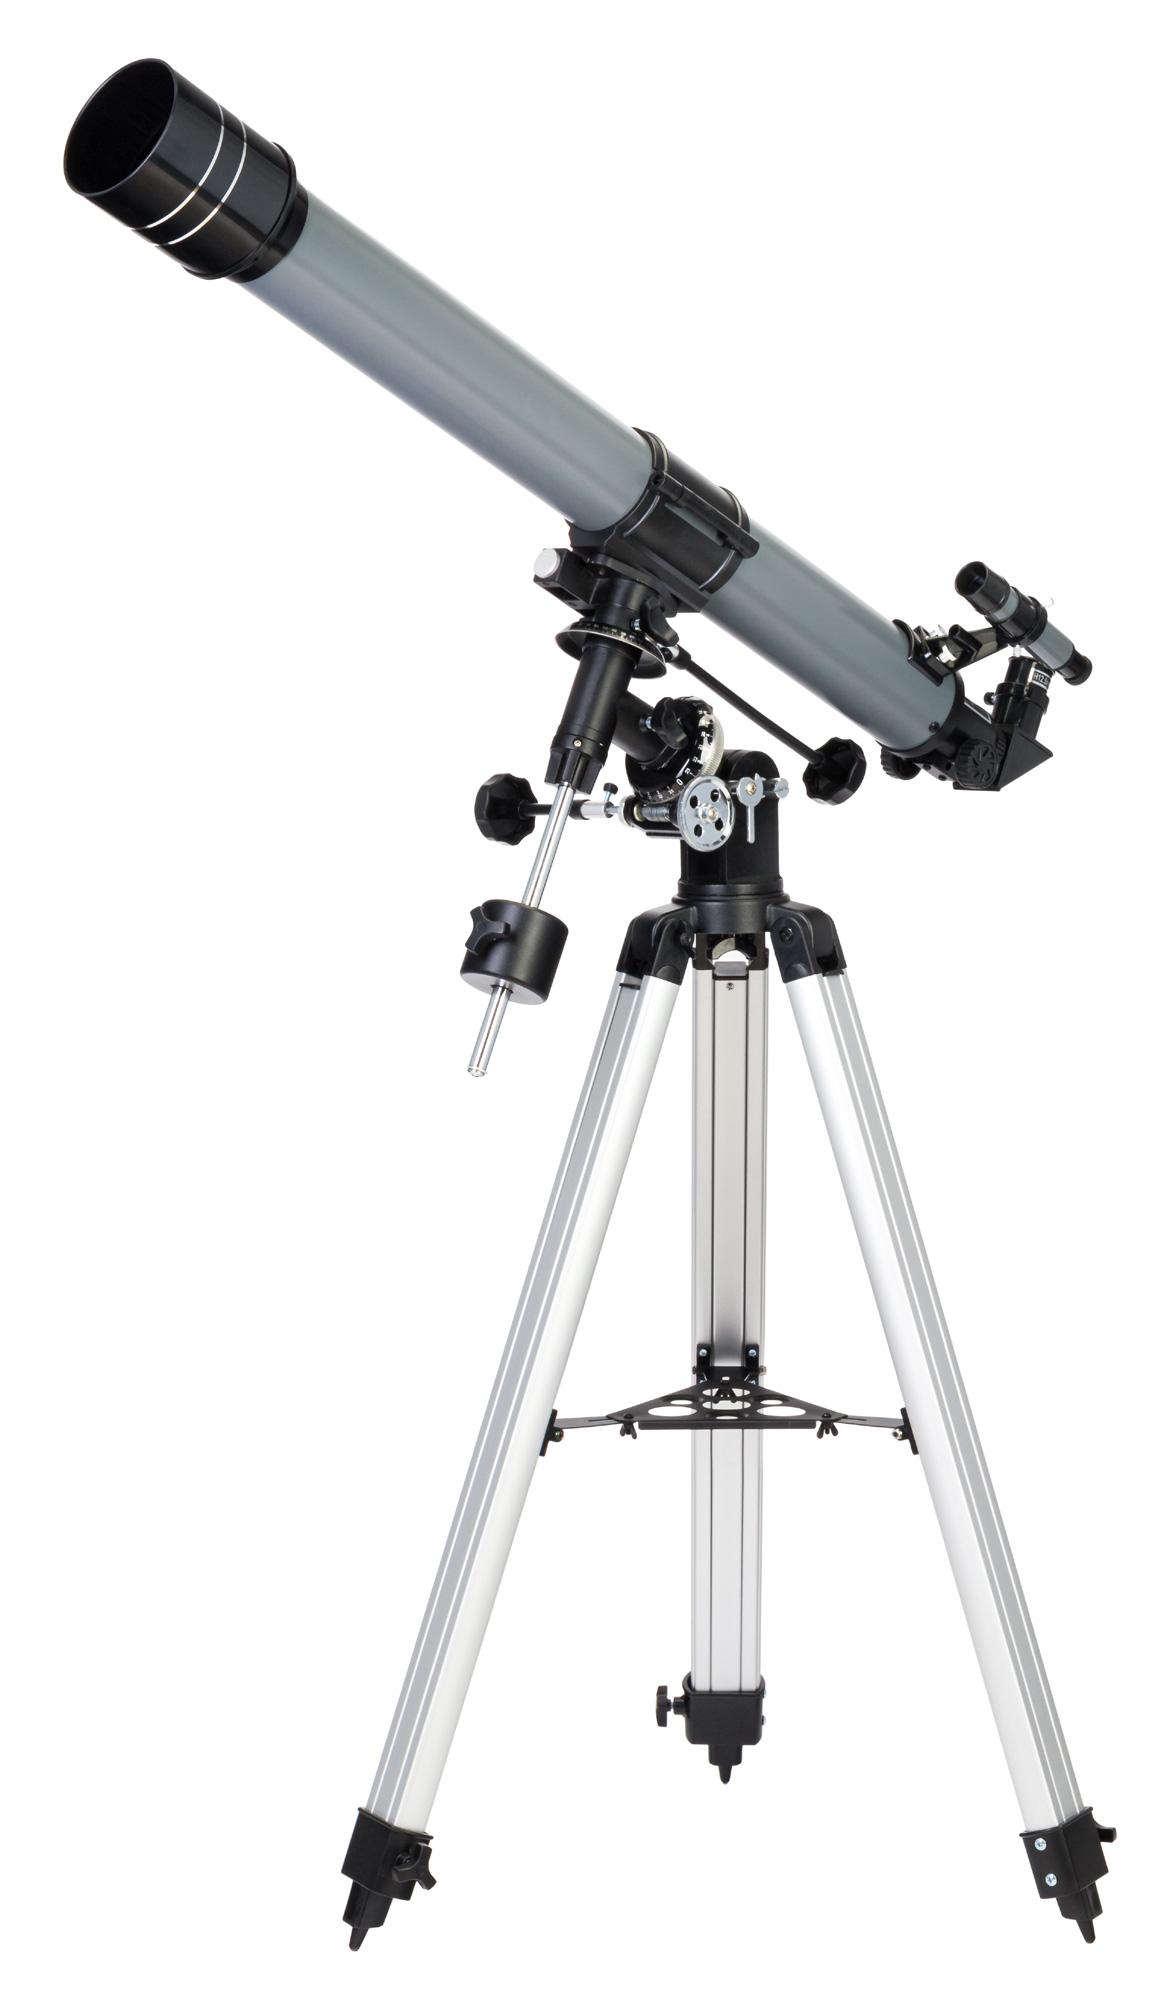 Картинка для Телескоп Levenhuk (Левенгук) Blitz 70 PLUS